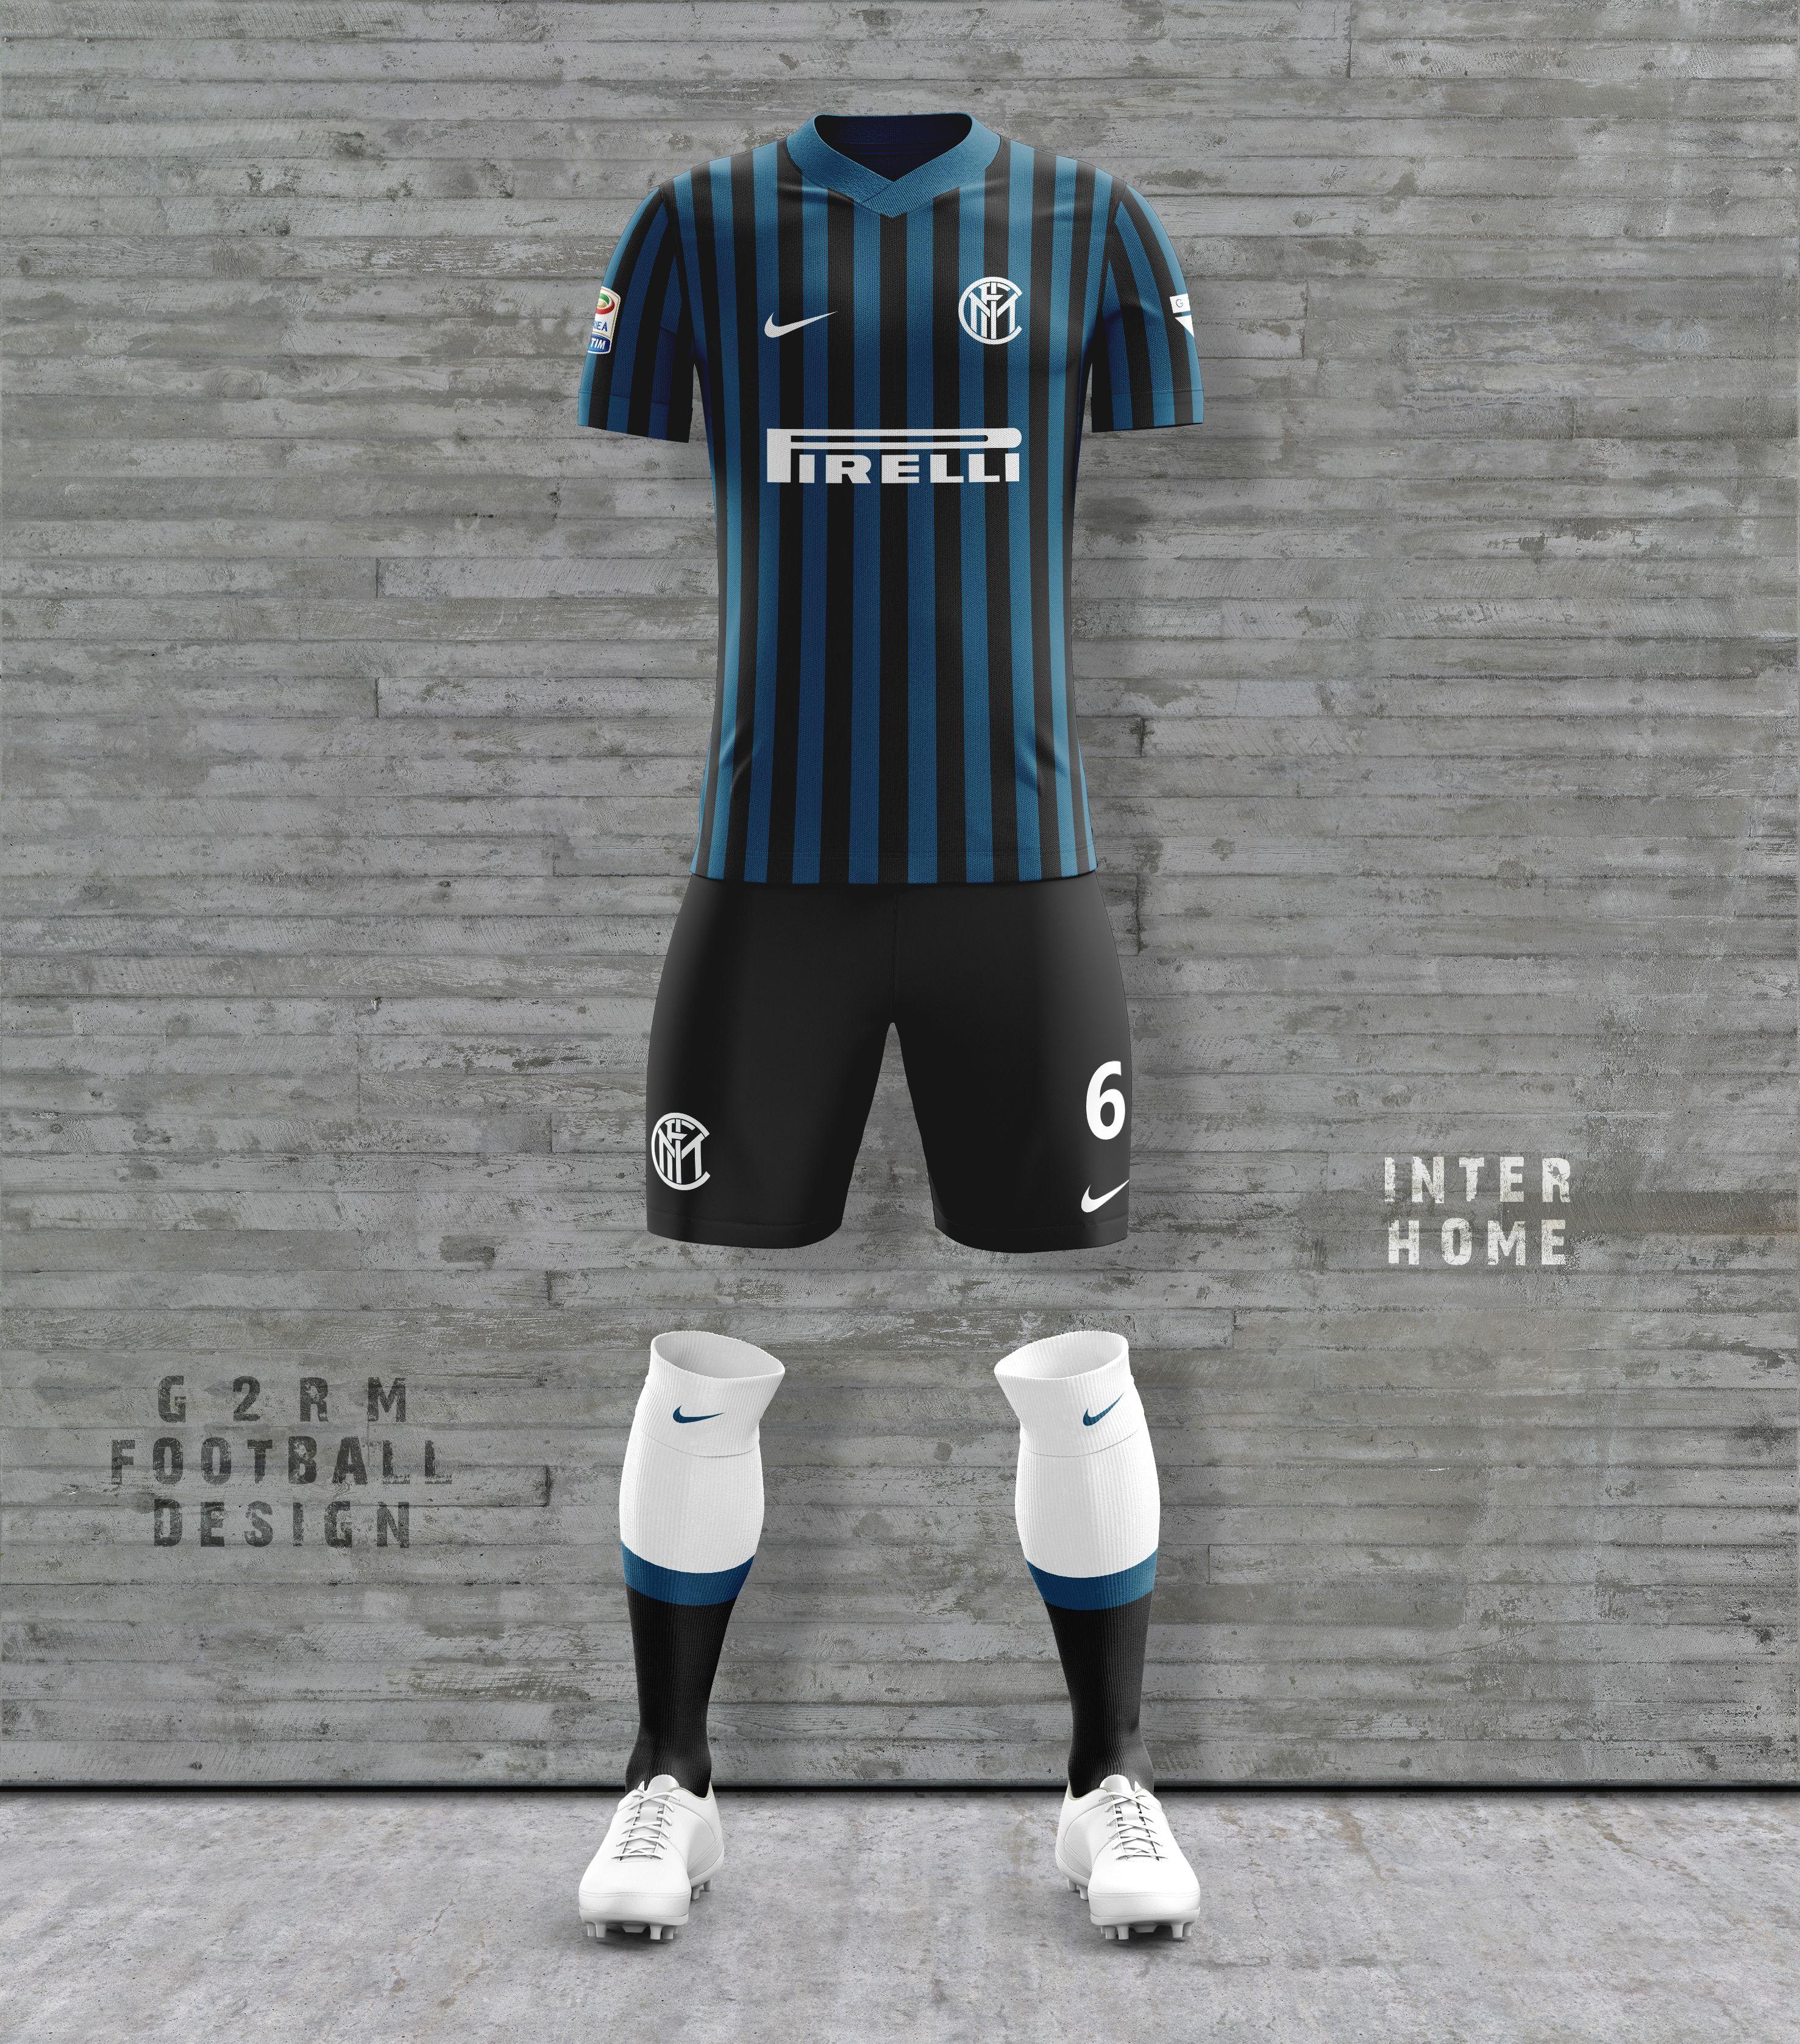 0df2bb1877 Inter Concept Kit designed by G2RM Uniformes Futebol, Camisas De Futebol,  Esportes, Design